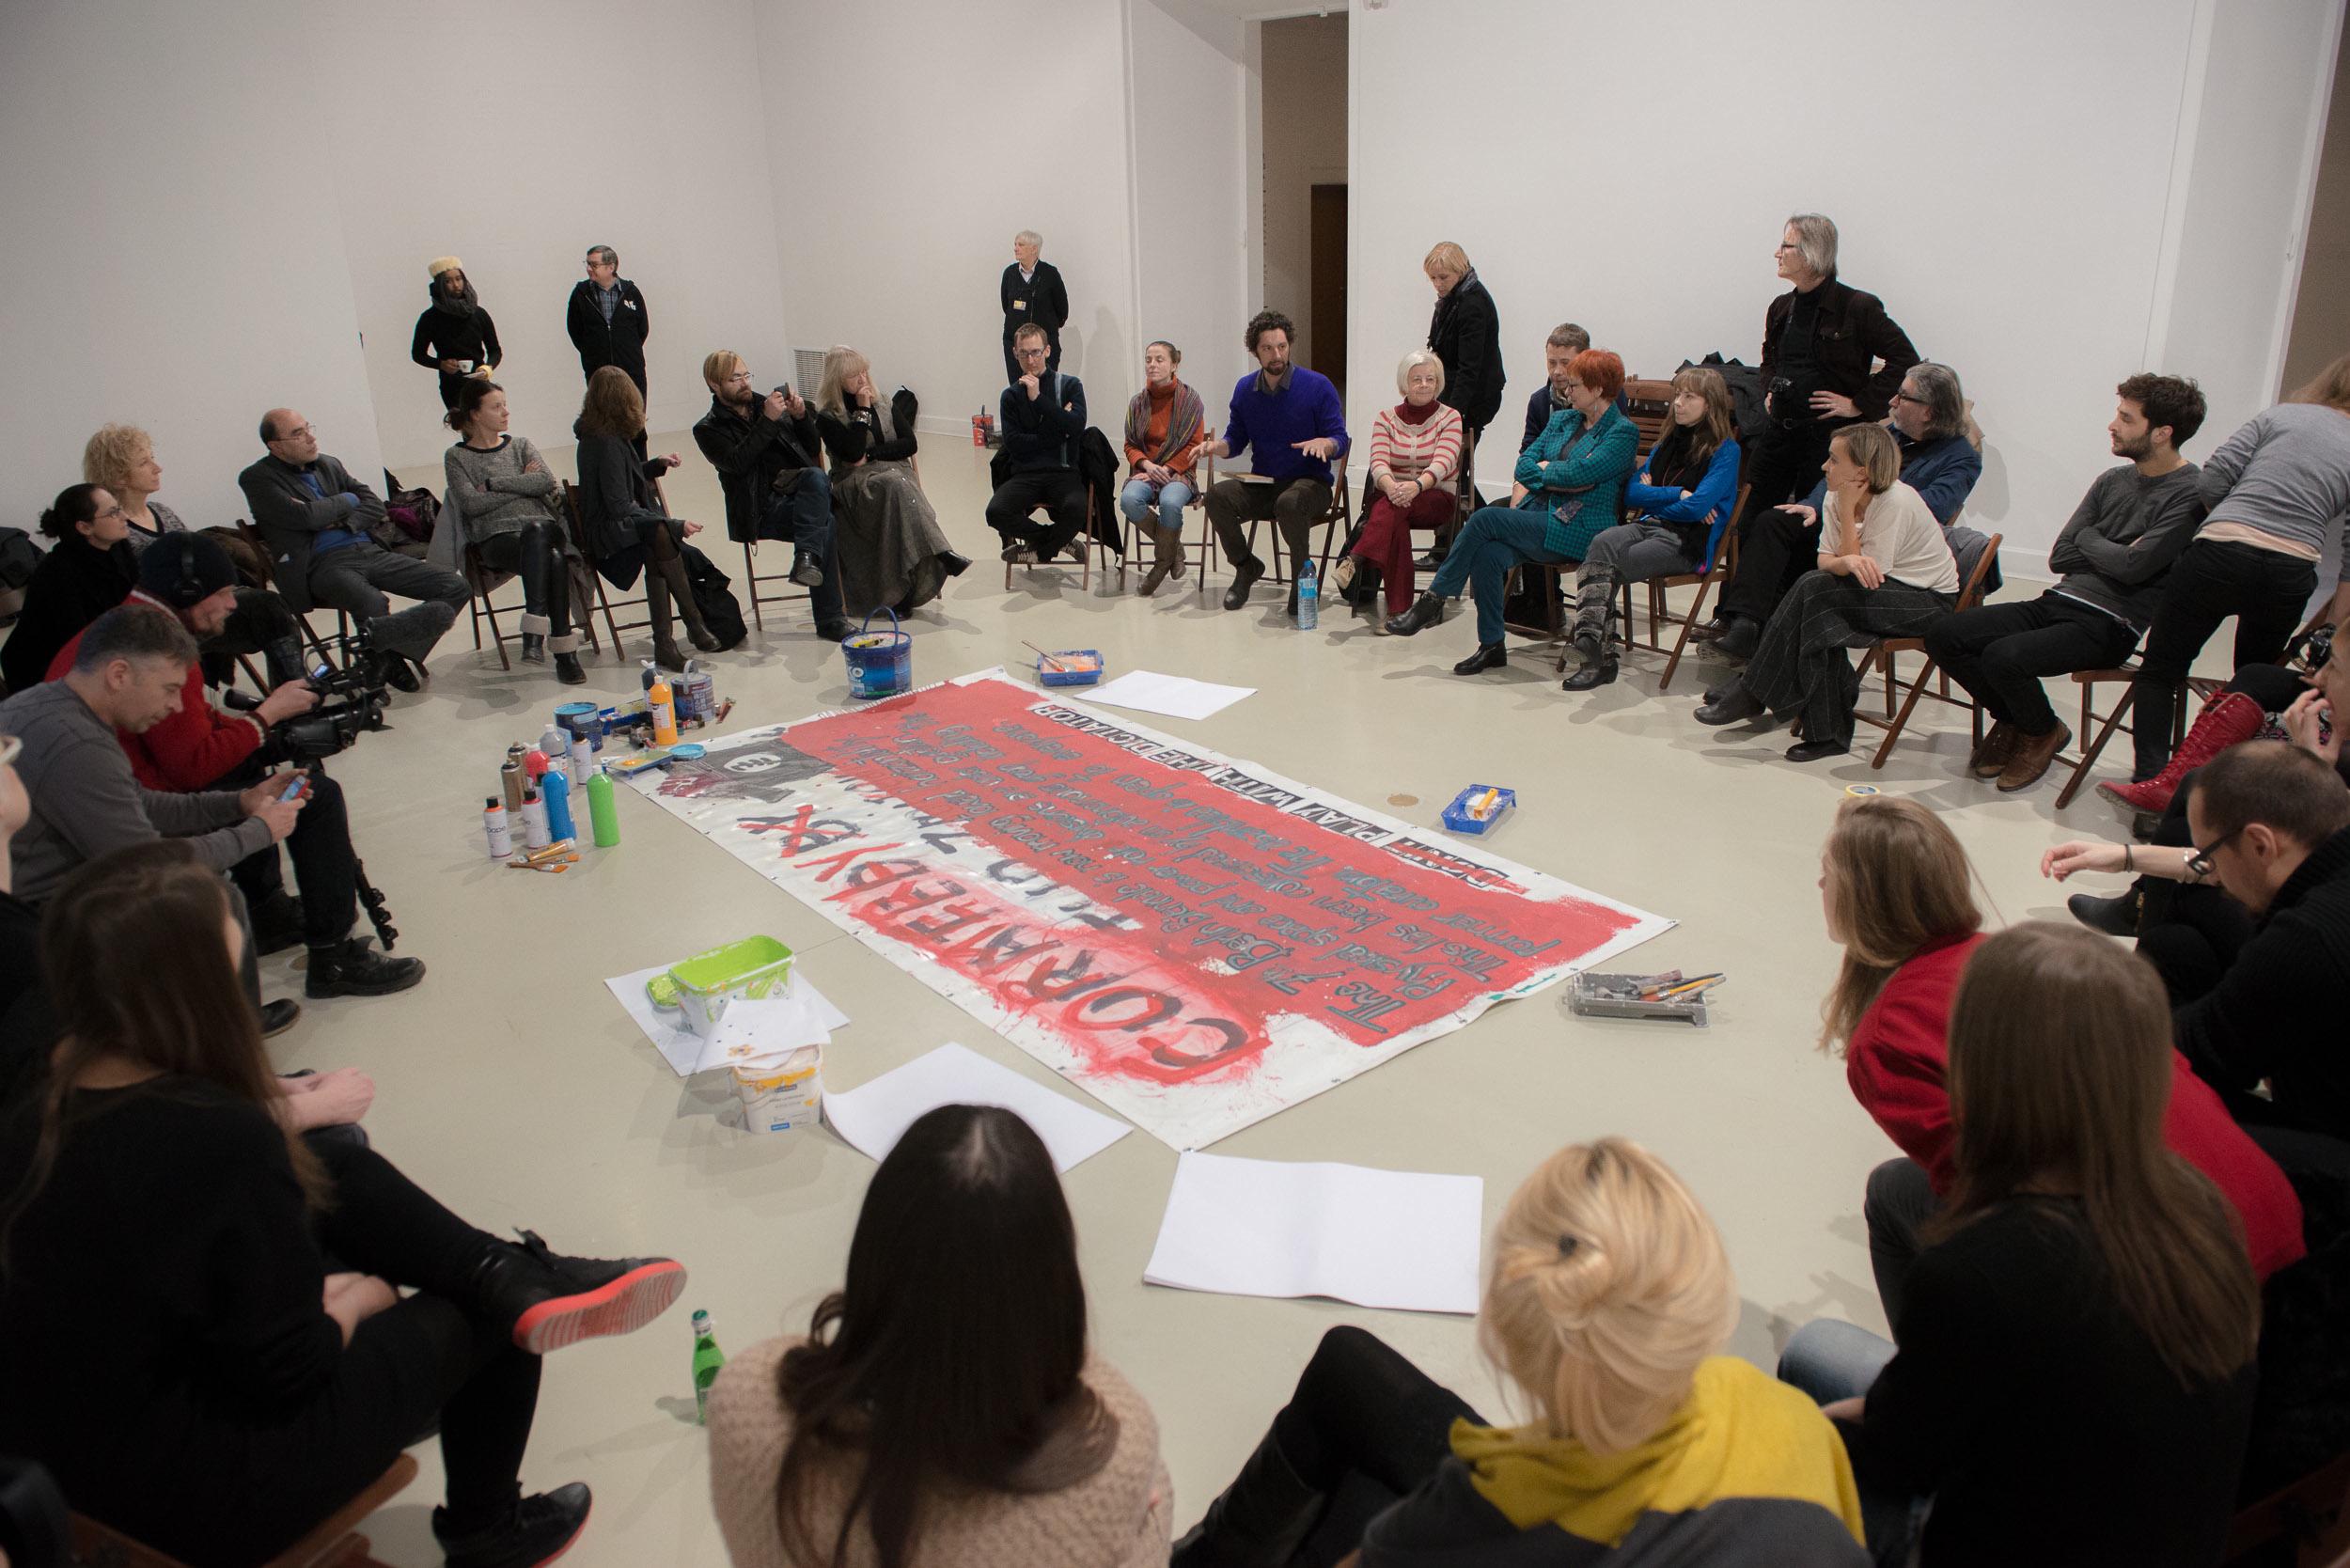 Dyskusja zorganizowana przezWHC zudziałem pracowników idyrekcji, Sala Zygmuntowska CSW, 10.12.2013, fot.Bartek Górka